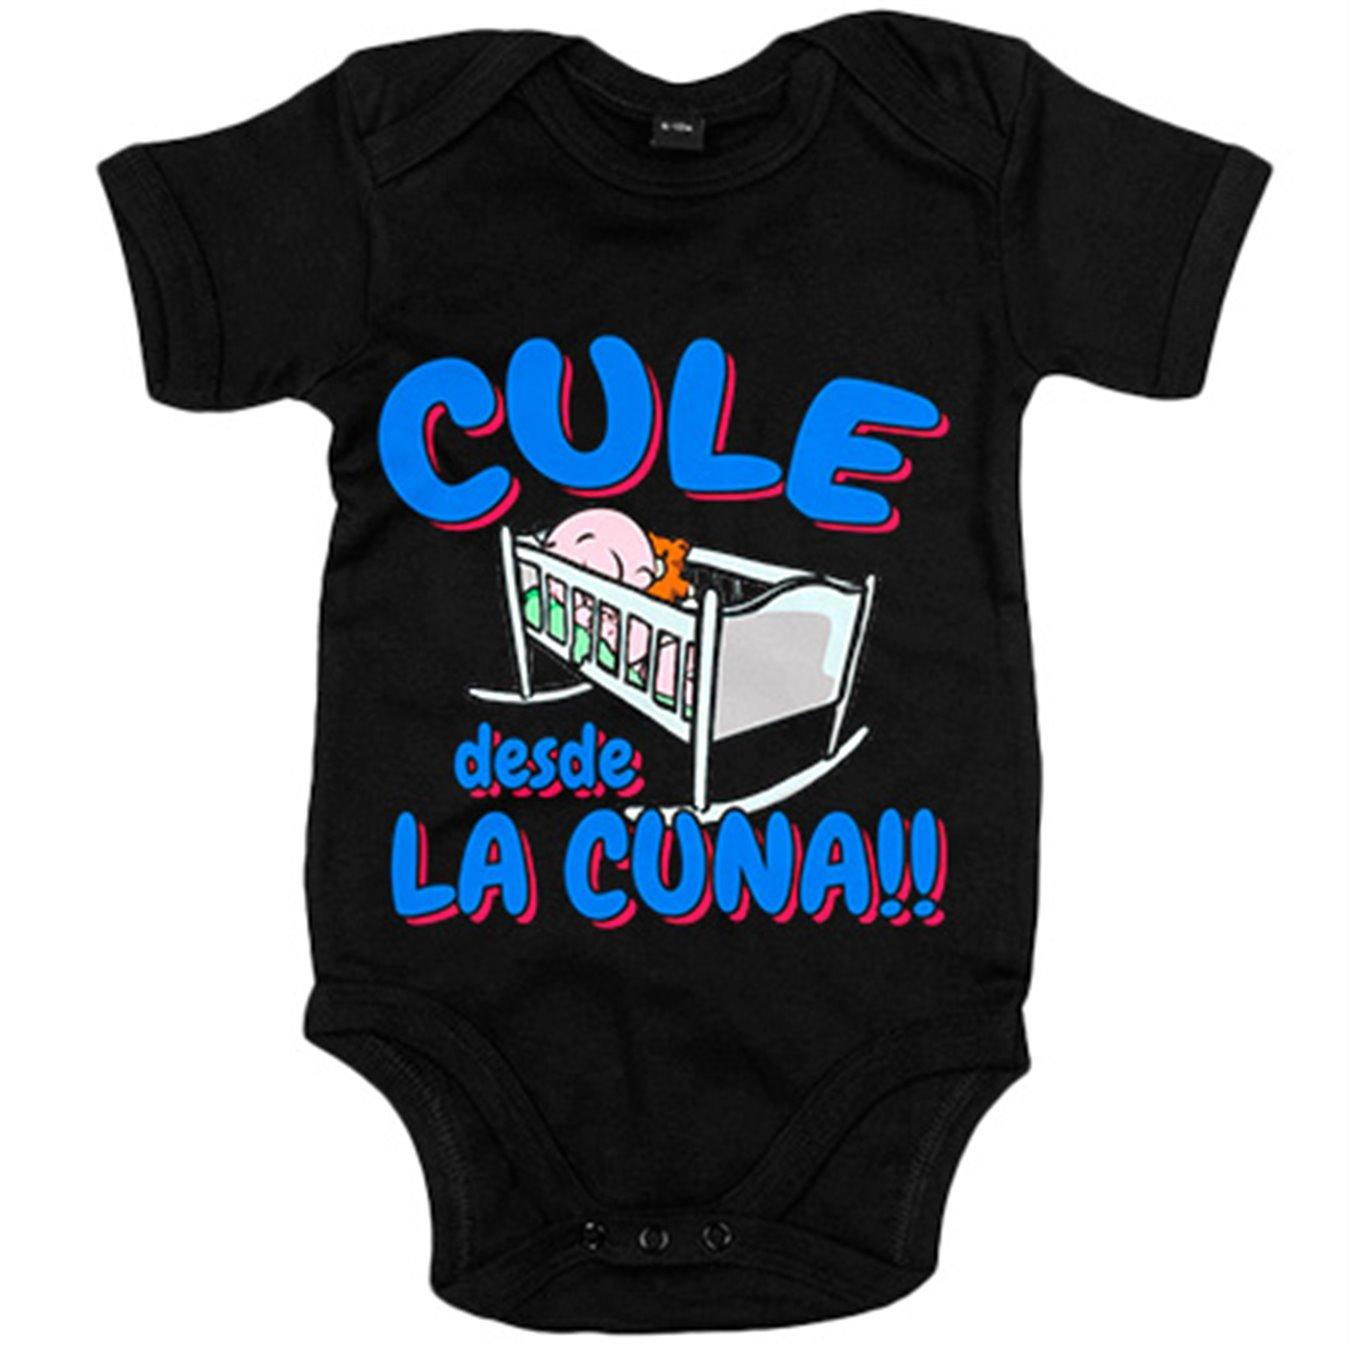 Body bebé Culé desde la cuna Barcelona fútbol - Amarillo, 6-12 meses